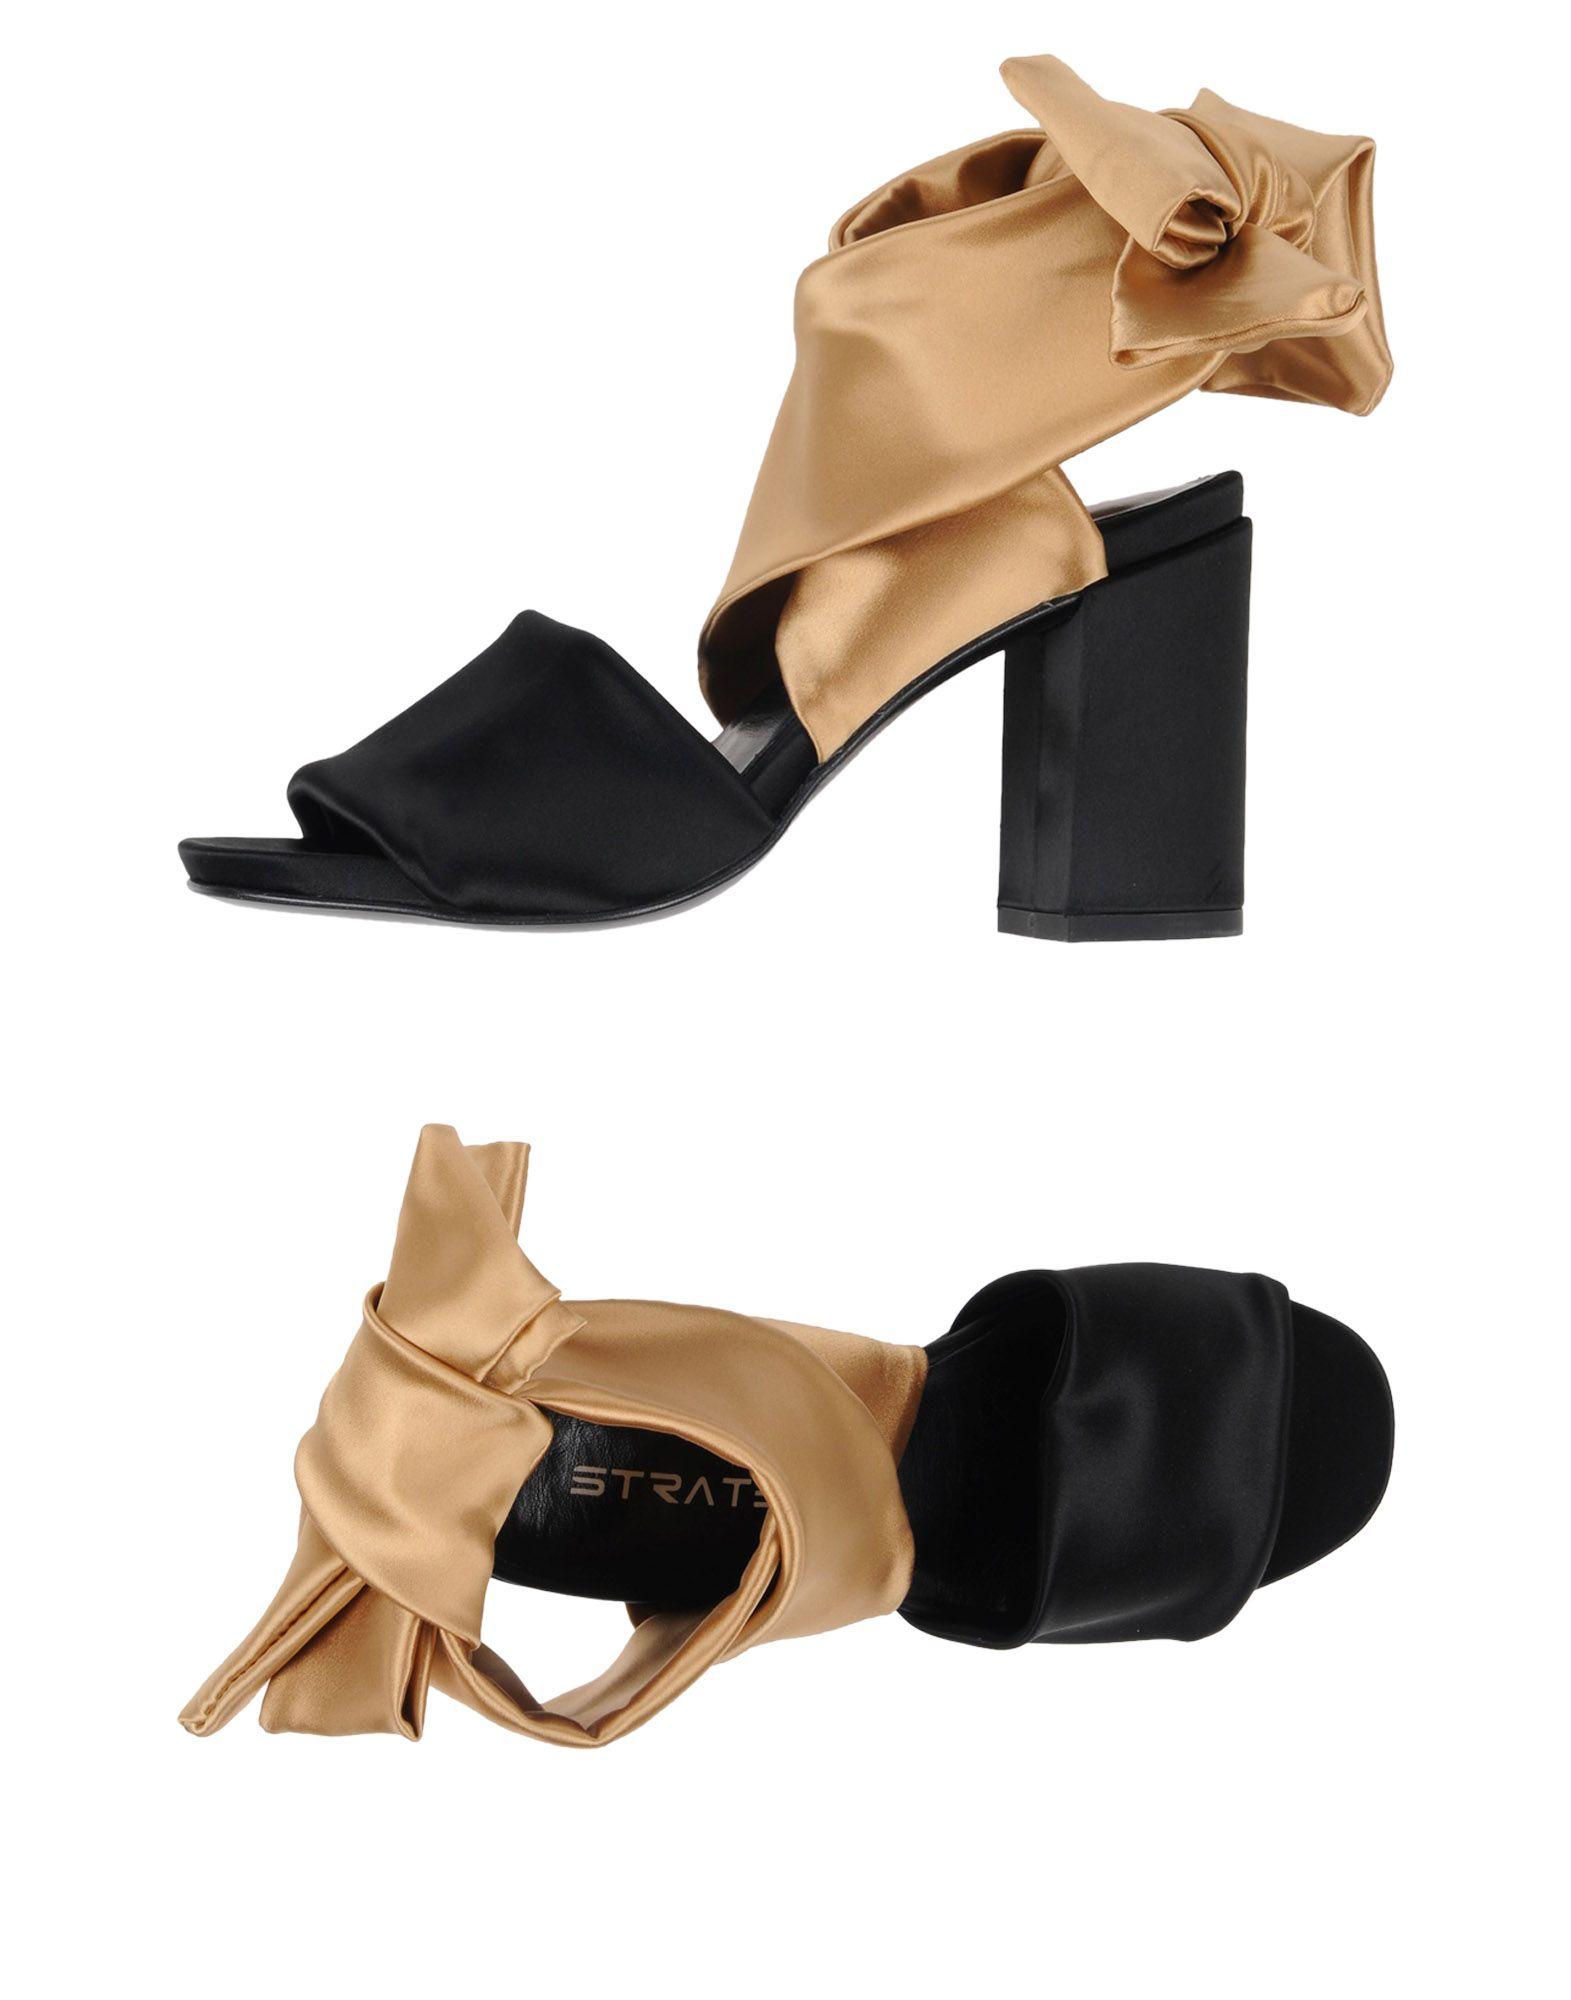 Strategia Sandalen Damen  11424347HW Gute Qualität beliebte Schuhe